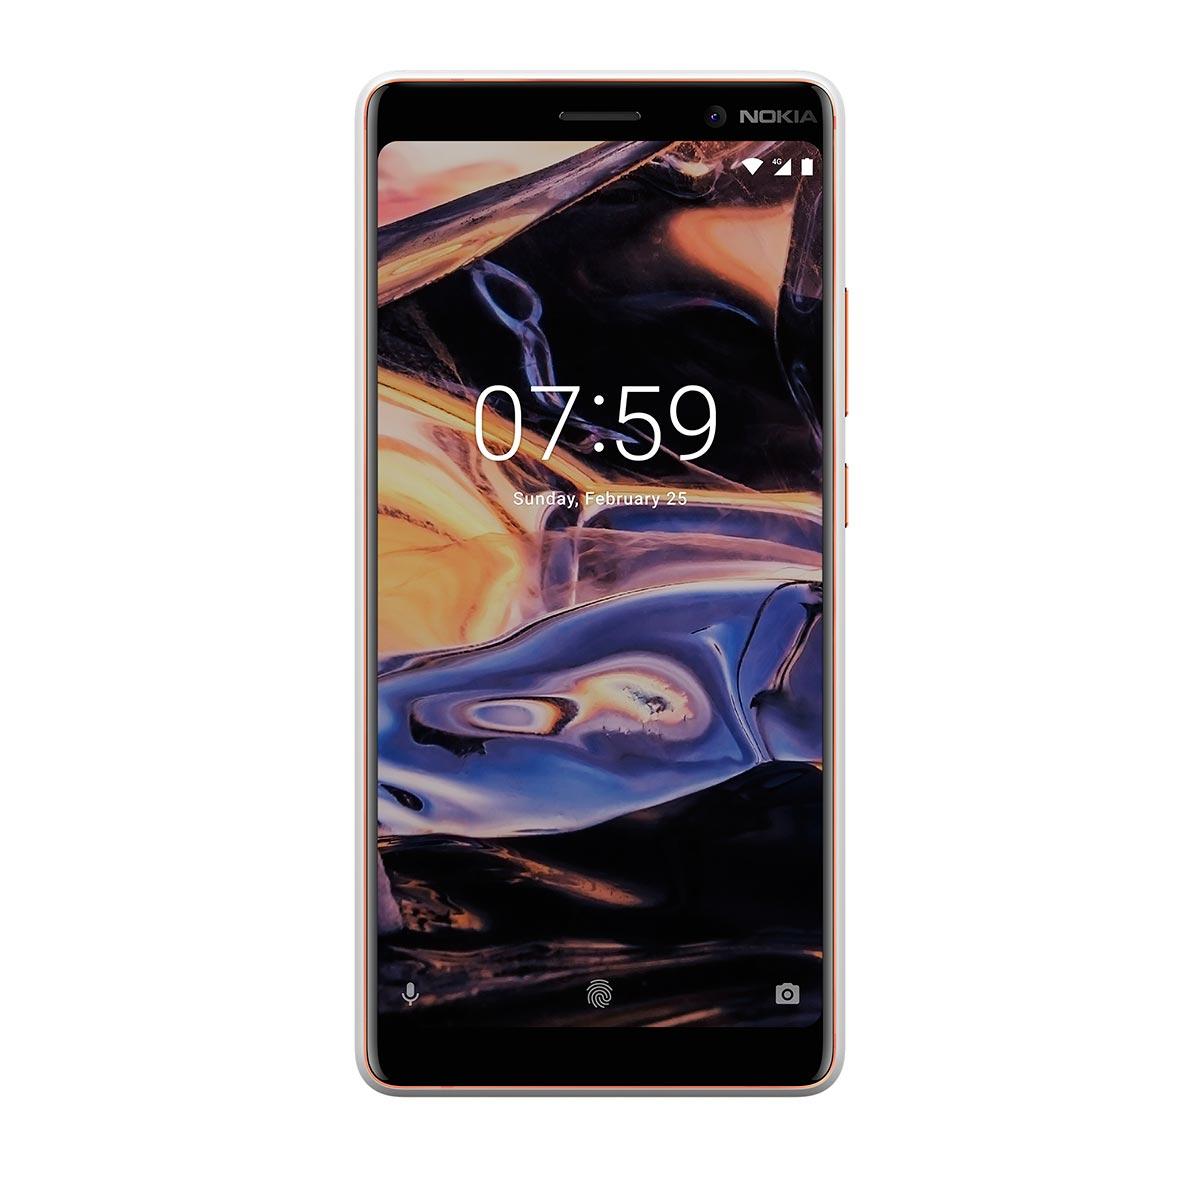 Nokia 7 Plus получил 6-дюймовый дисплей с разрешением FullHD+ и  соотношением сторон 18 9. За производительность отвечает процессор  Snapdragon 660 d00c9b43eab5e